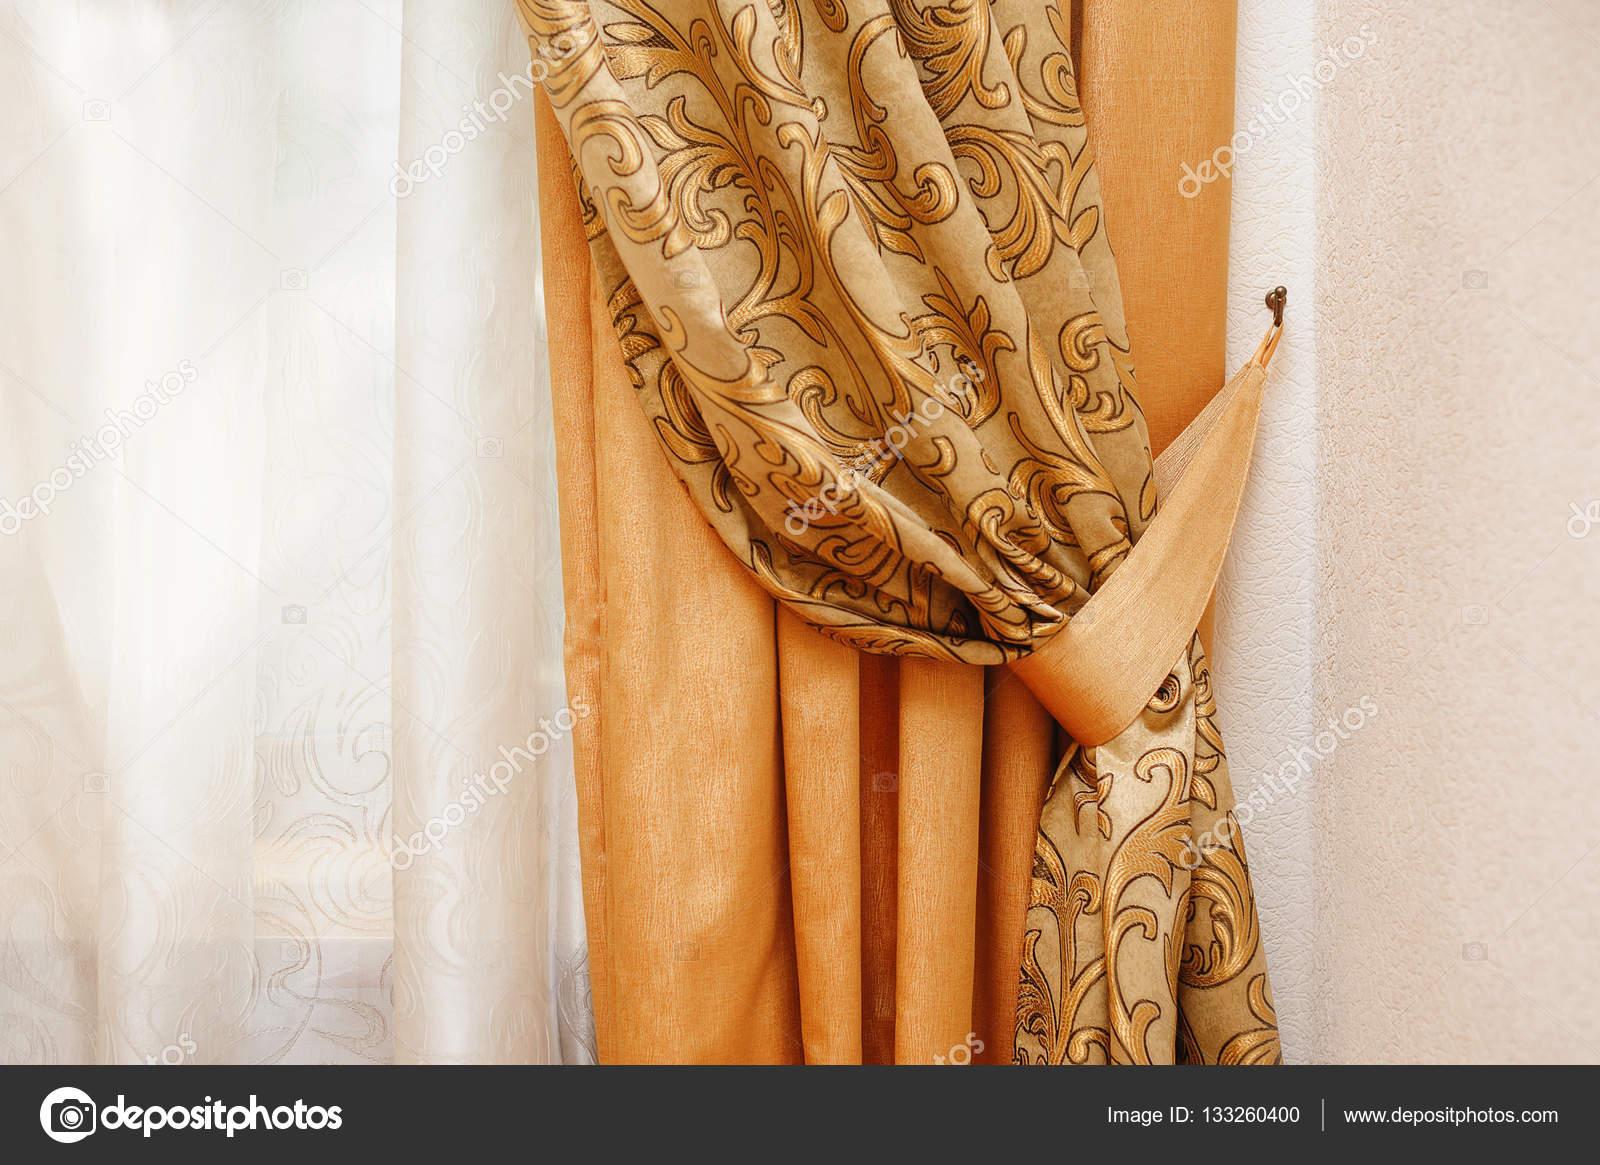 Mooie Slaapkamer Gordijnen : Mooie gouden gordijn in de slaapkamer u2014 stockfoto © timonko #133260400